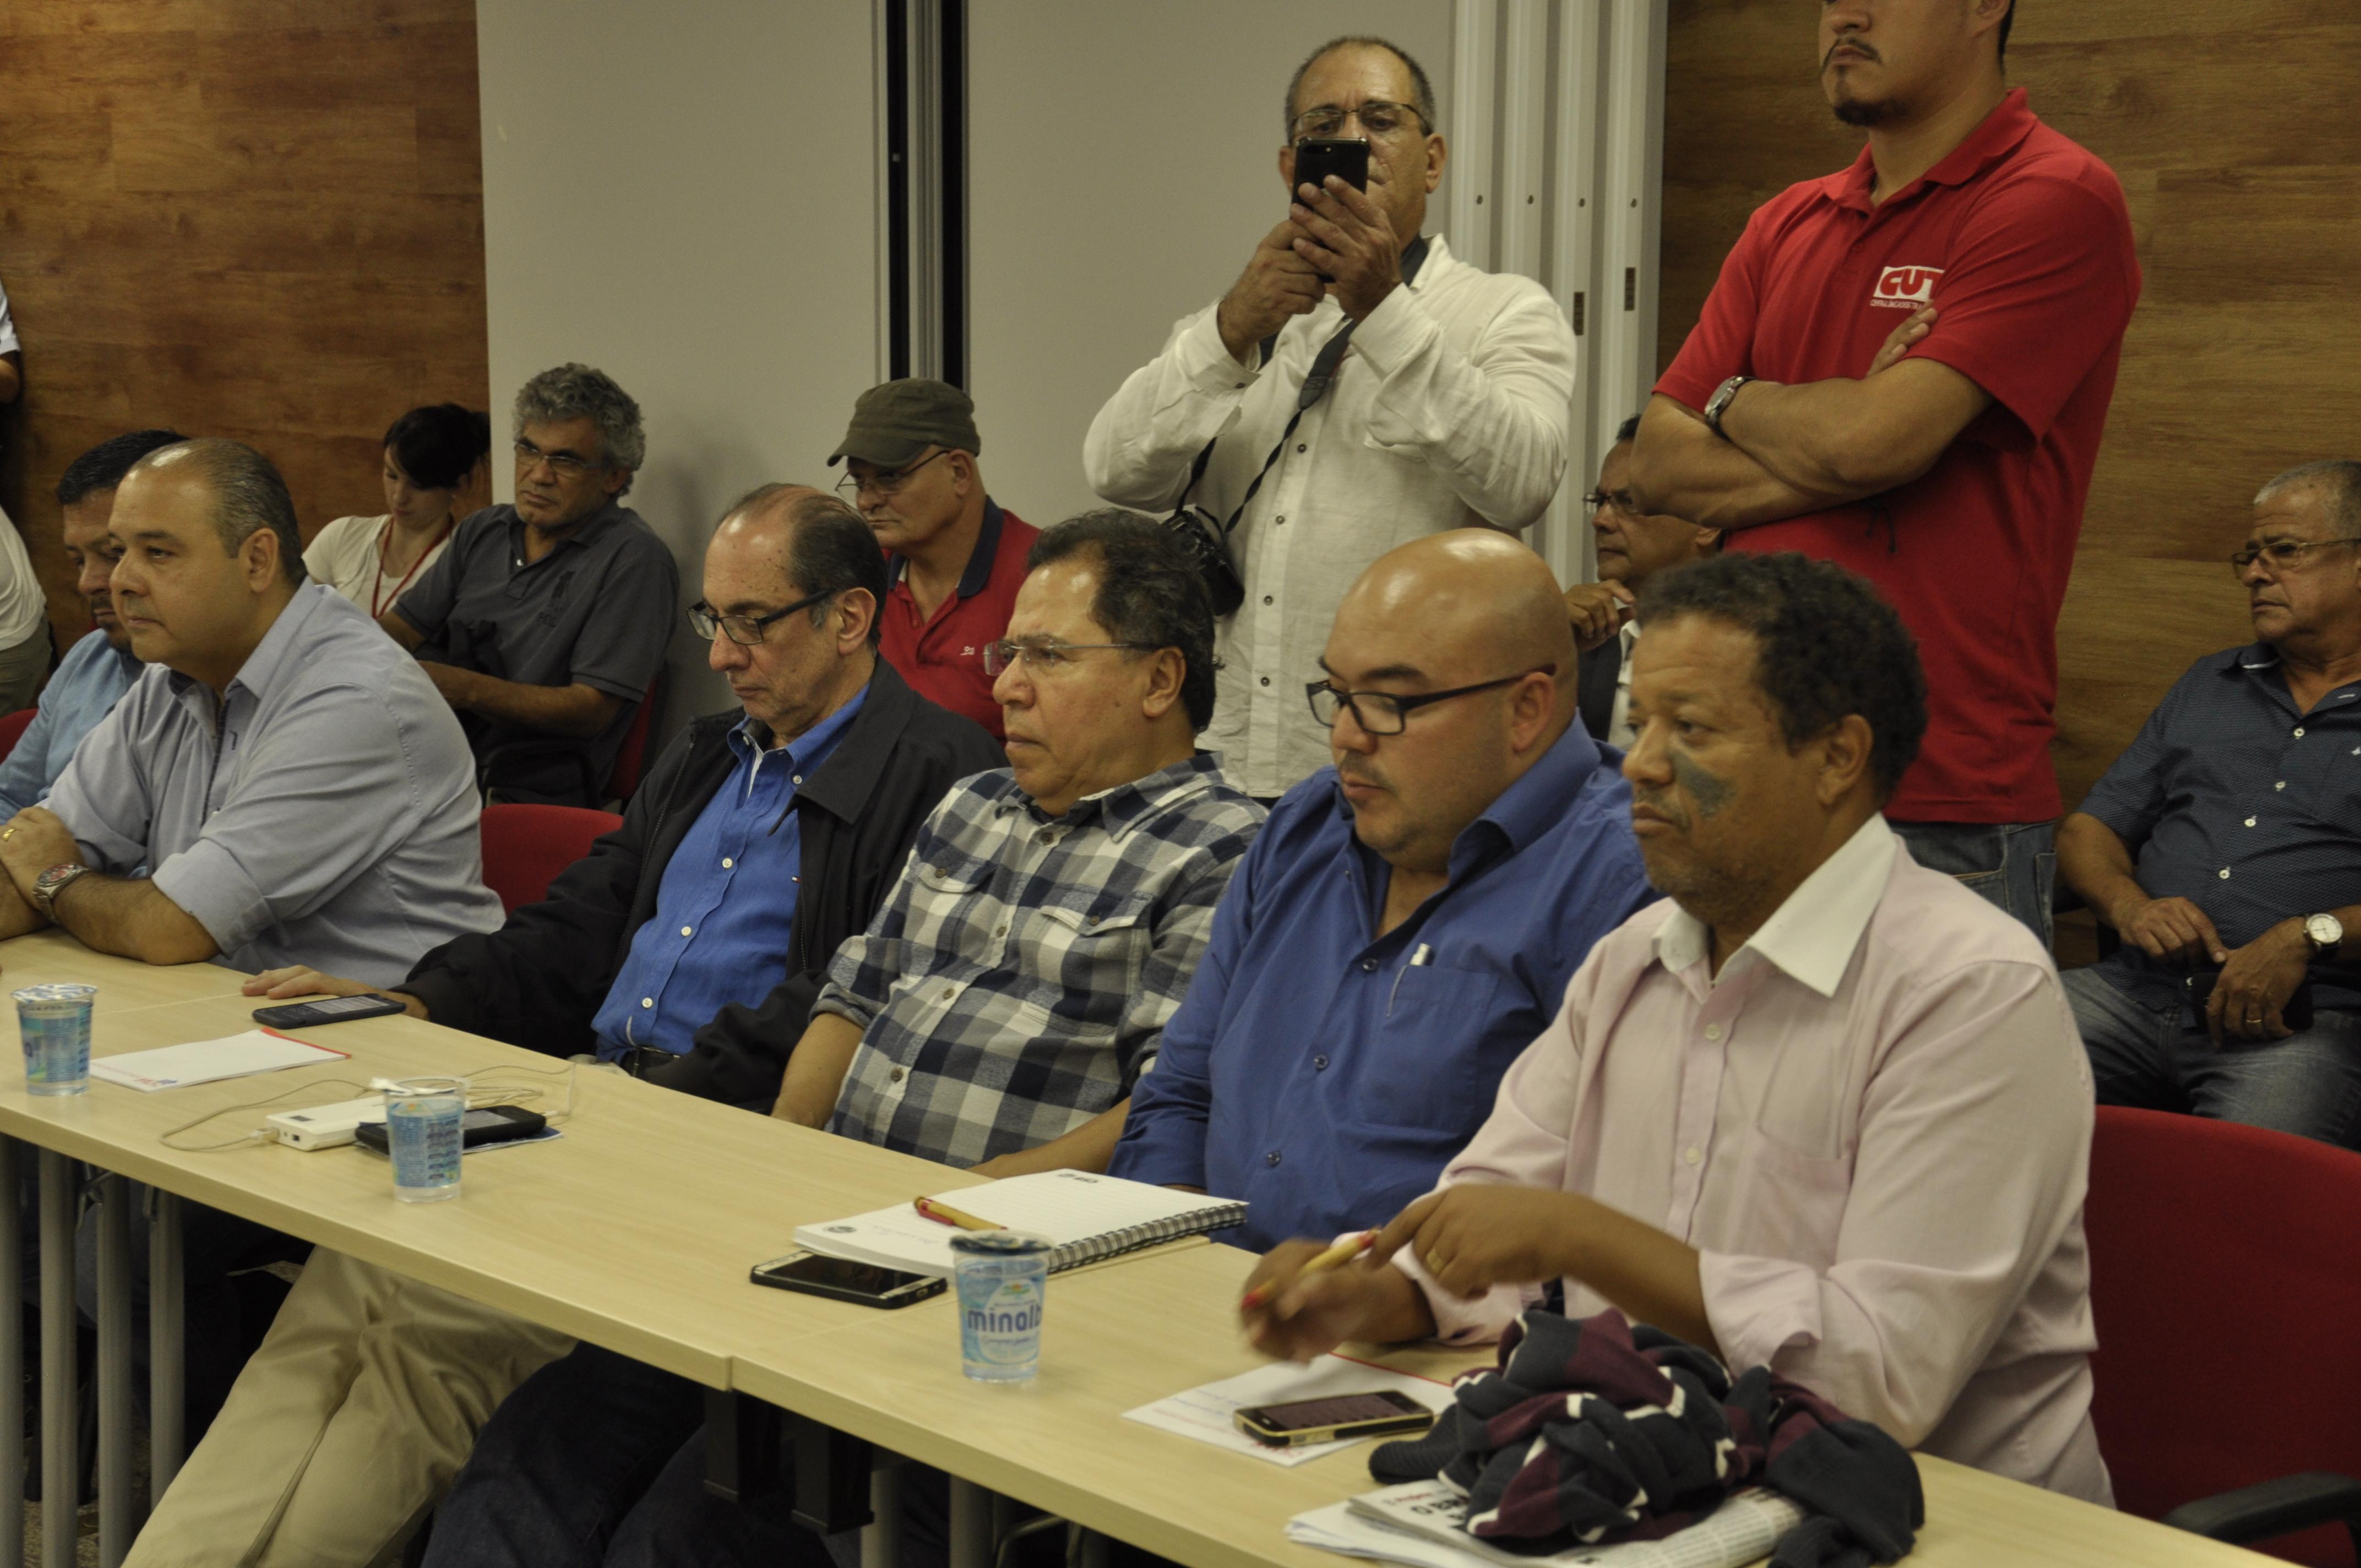 Contra reformas, centrais se reúnem para discutir próximas mobilizações